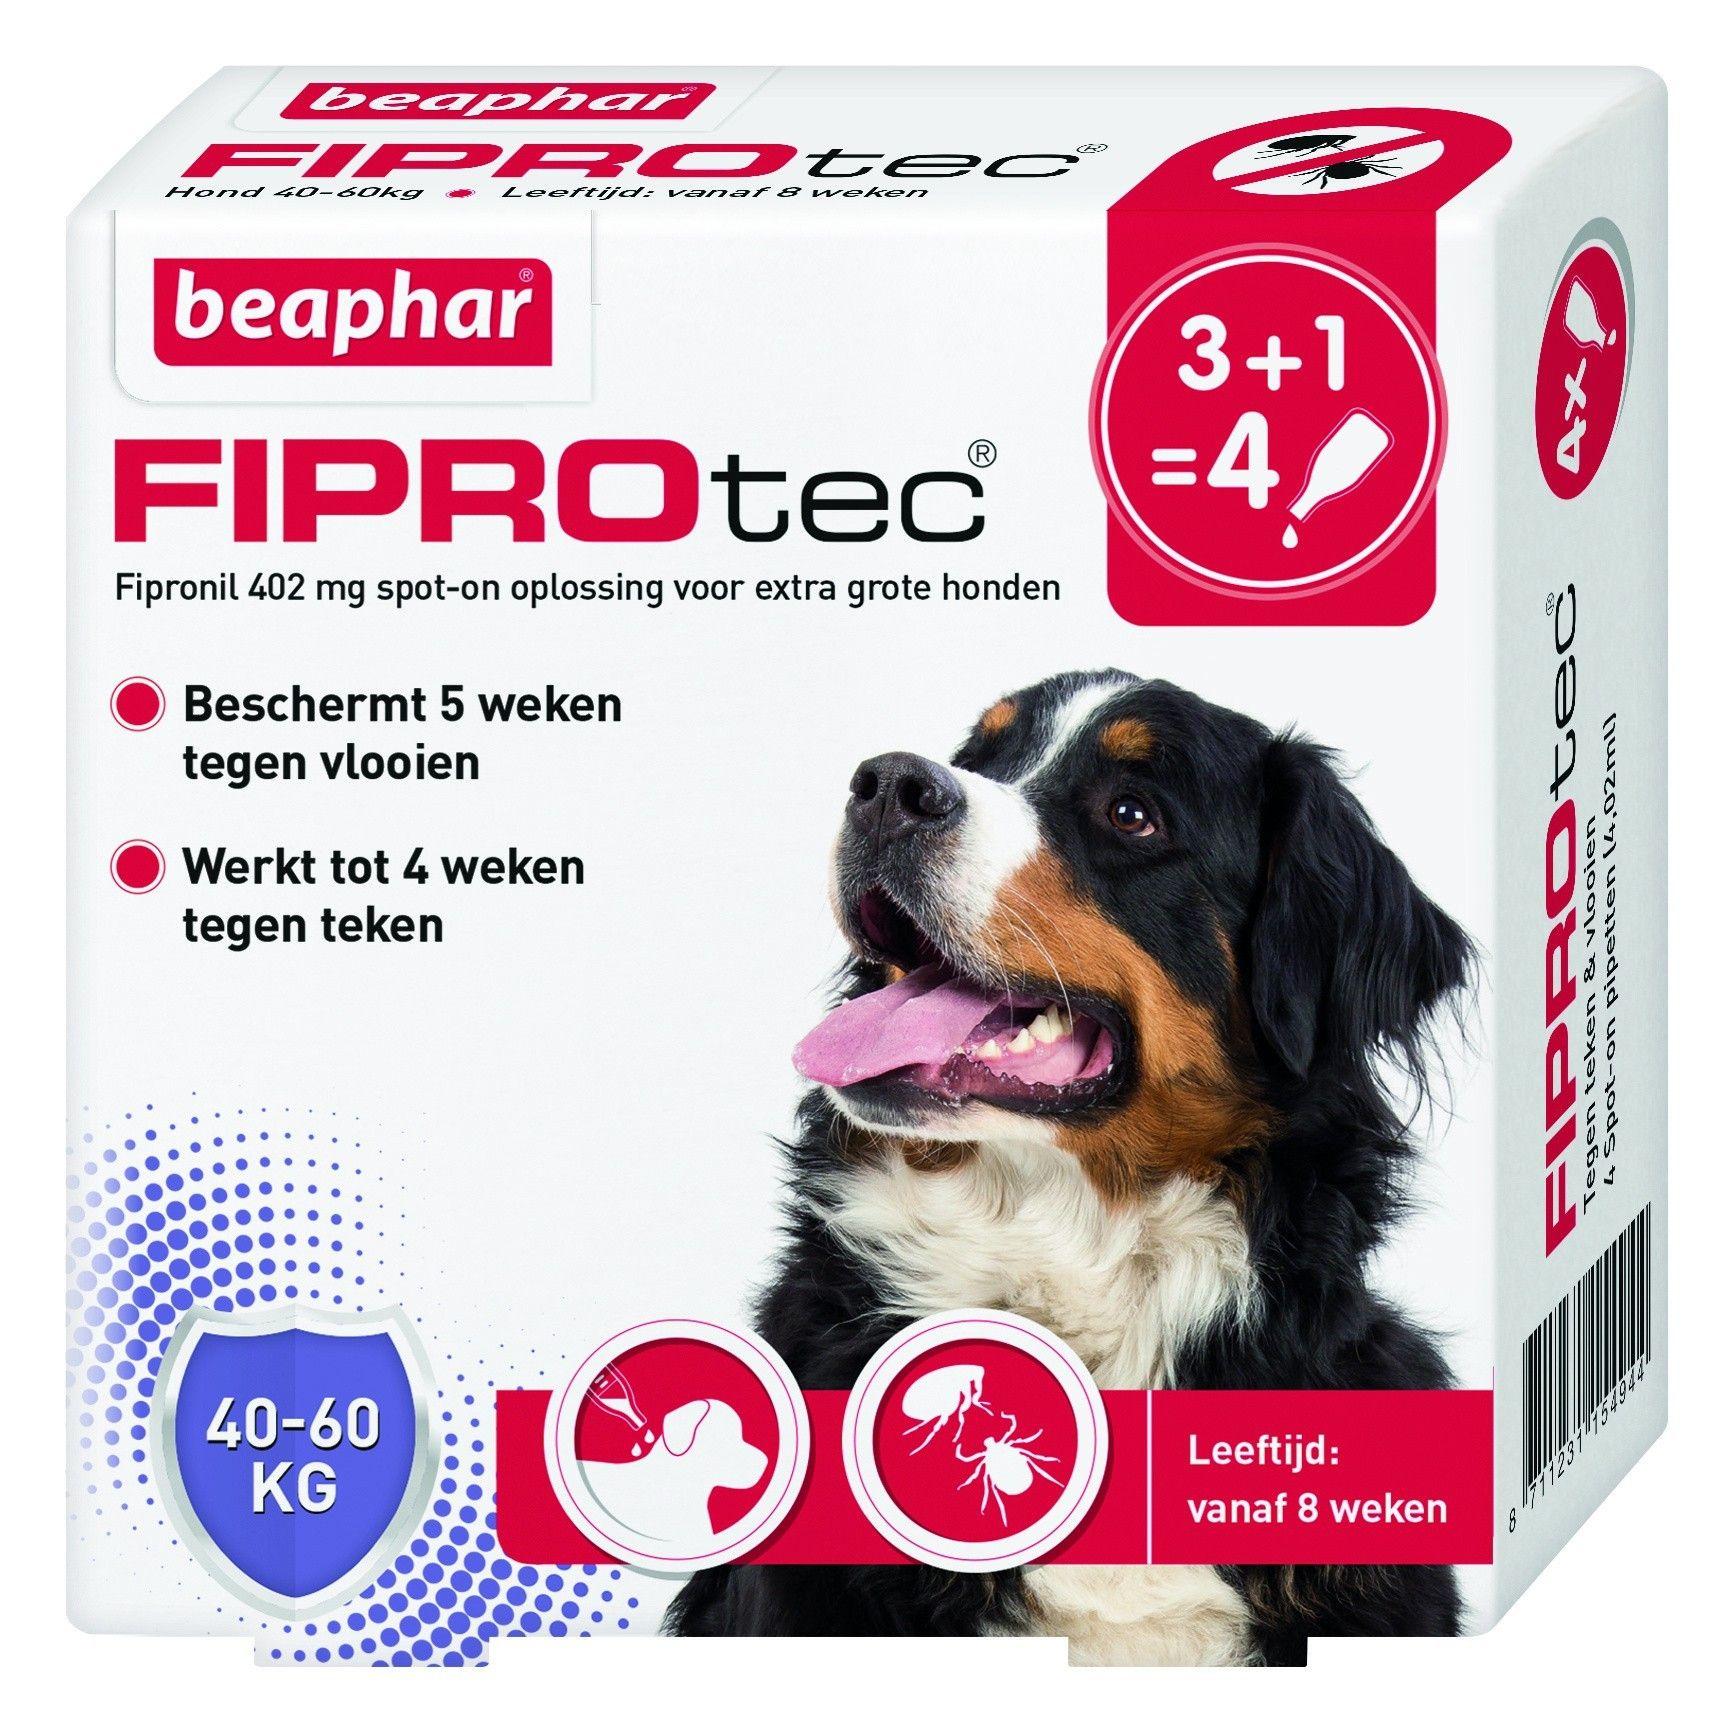 Beaphar Fiprotec hond vlooien/teken 40-60kg 4 pipet